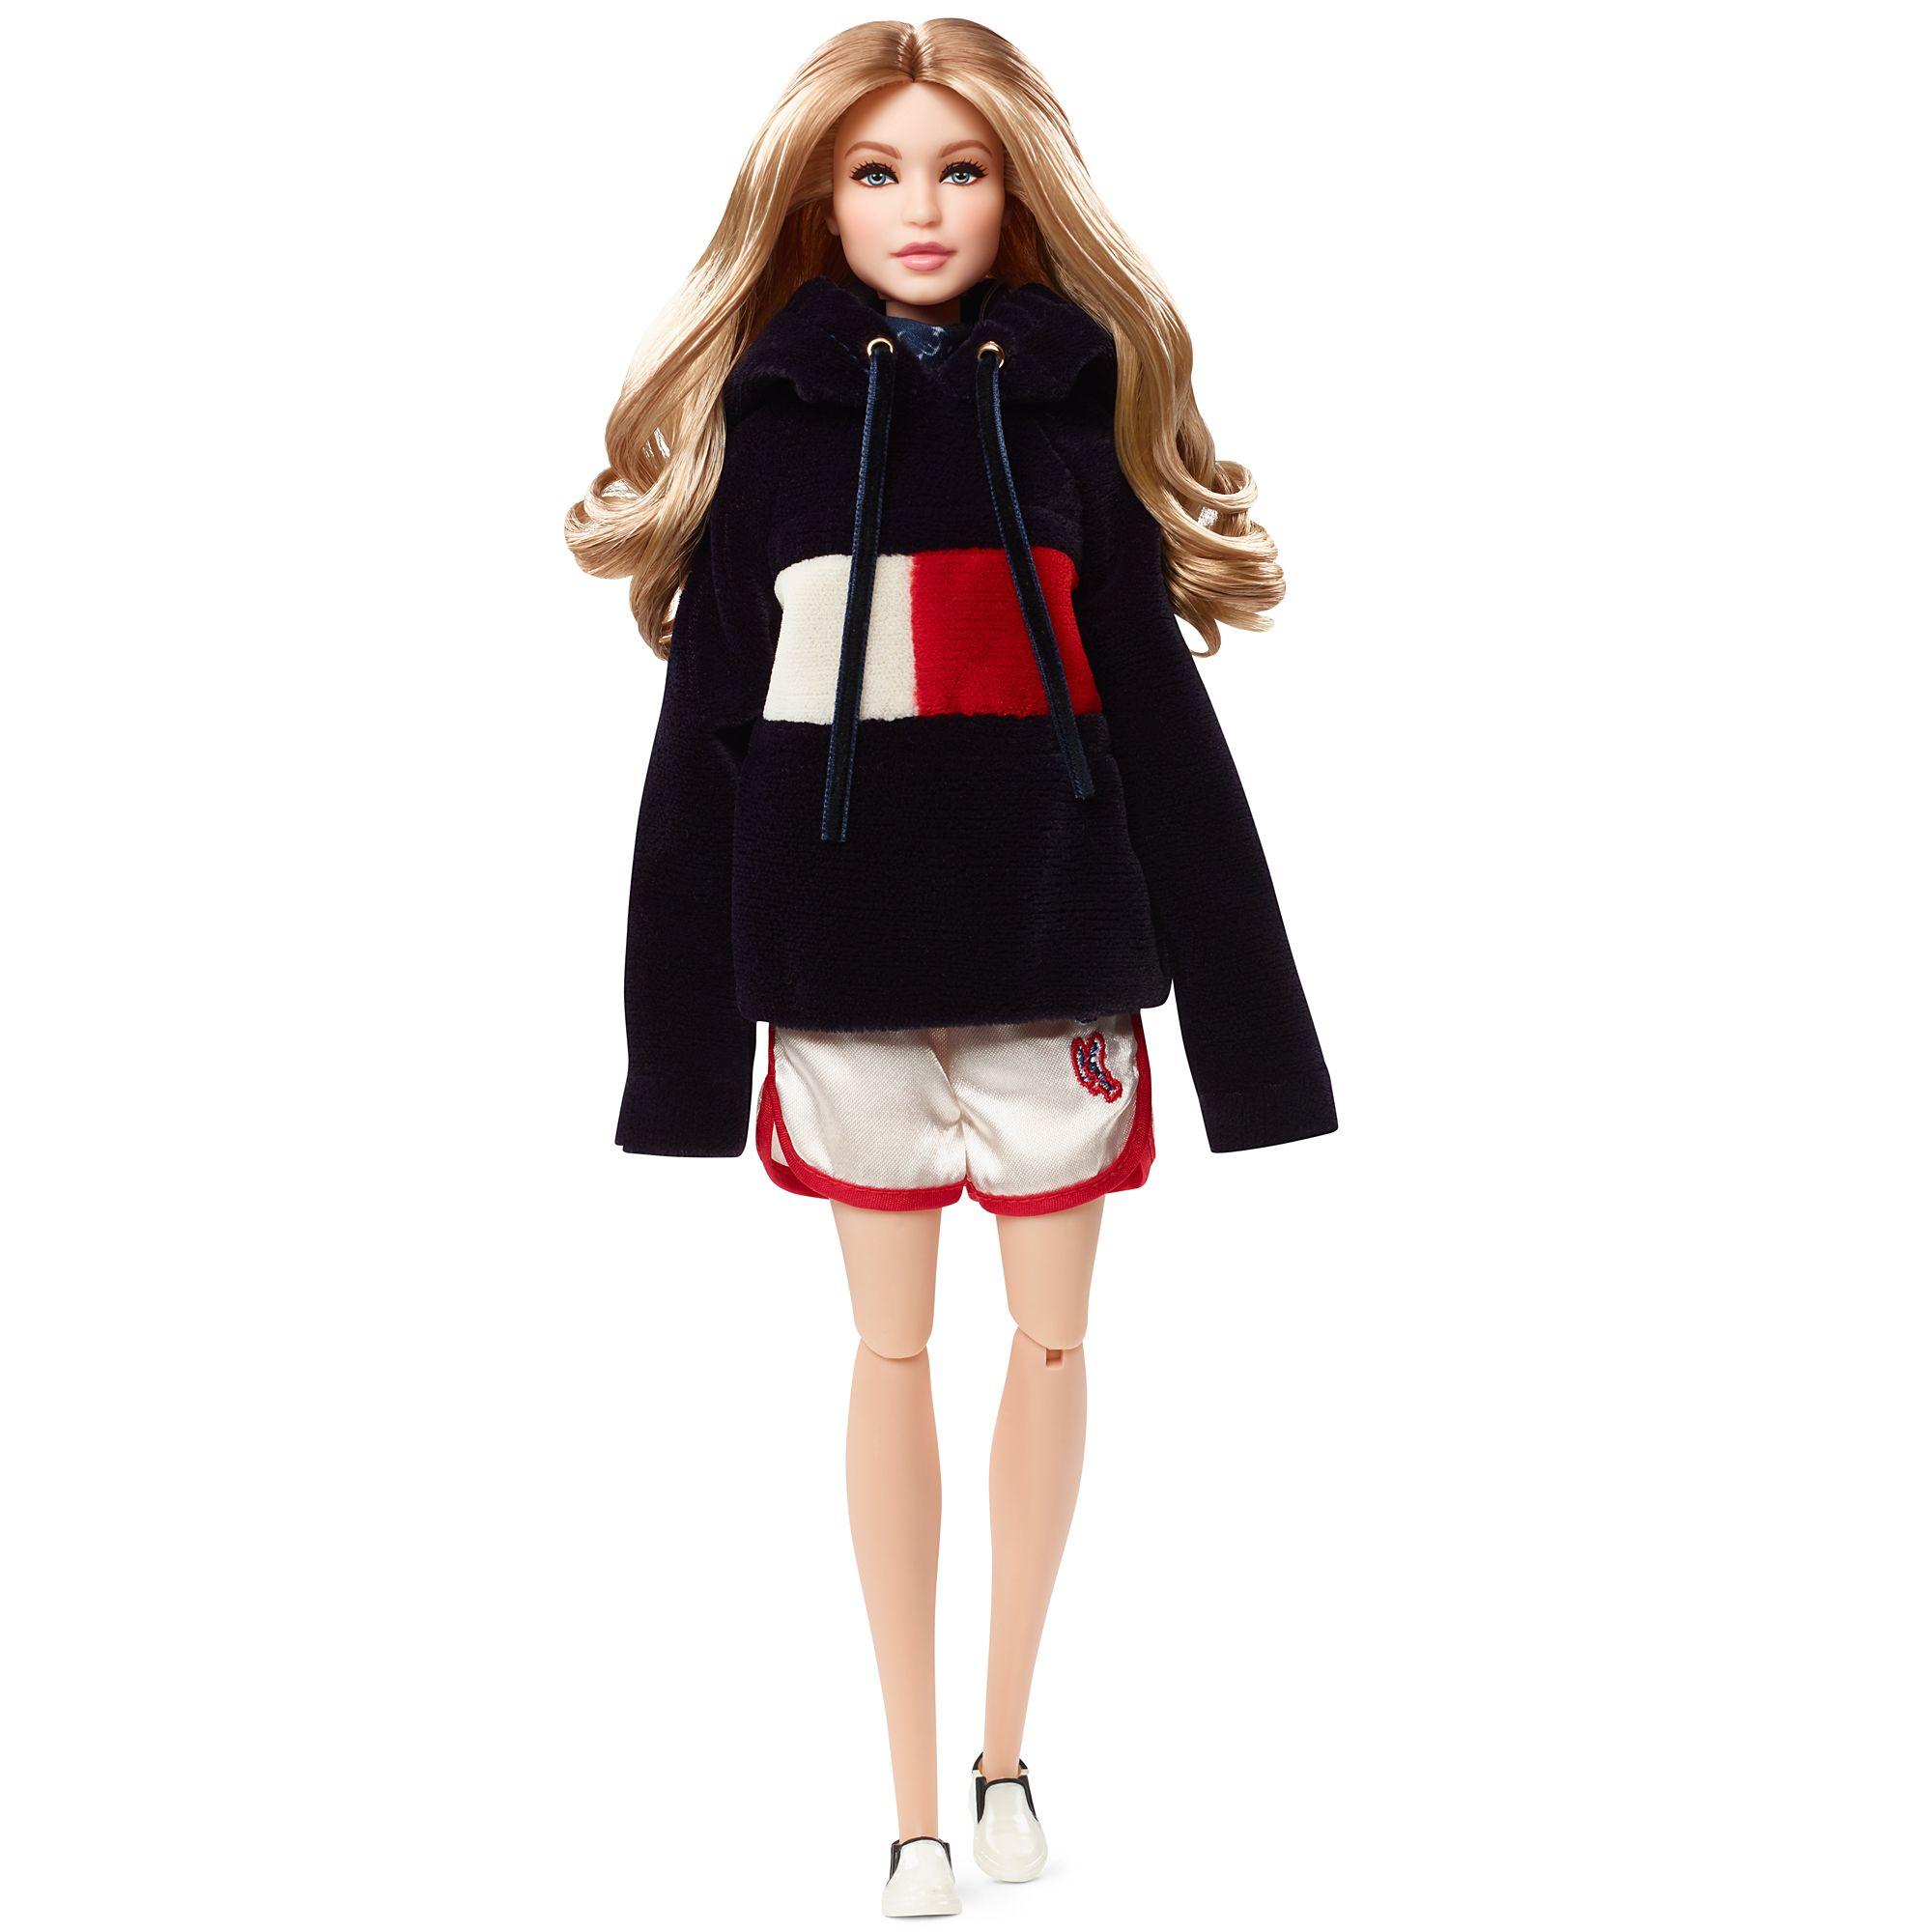 27b79e77 TommyXGigi Barbie Doll | Barbie Wiki | FANDOM powered by Wikia